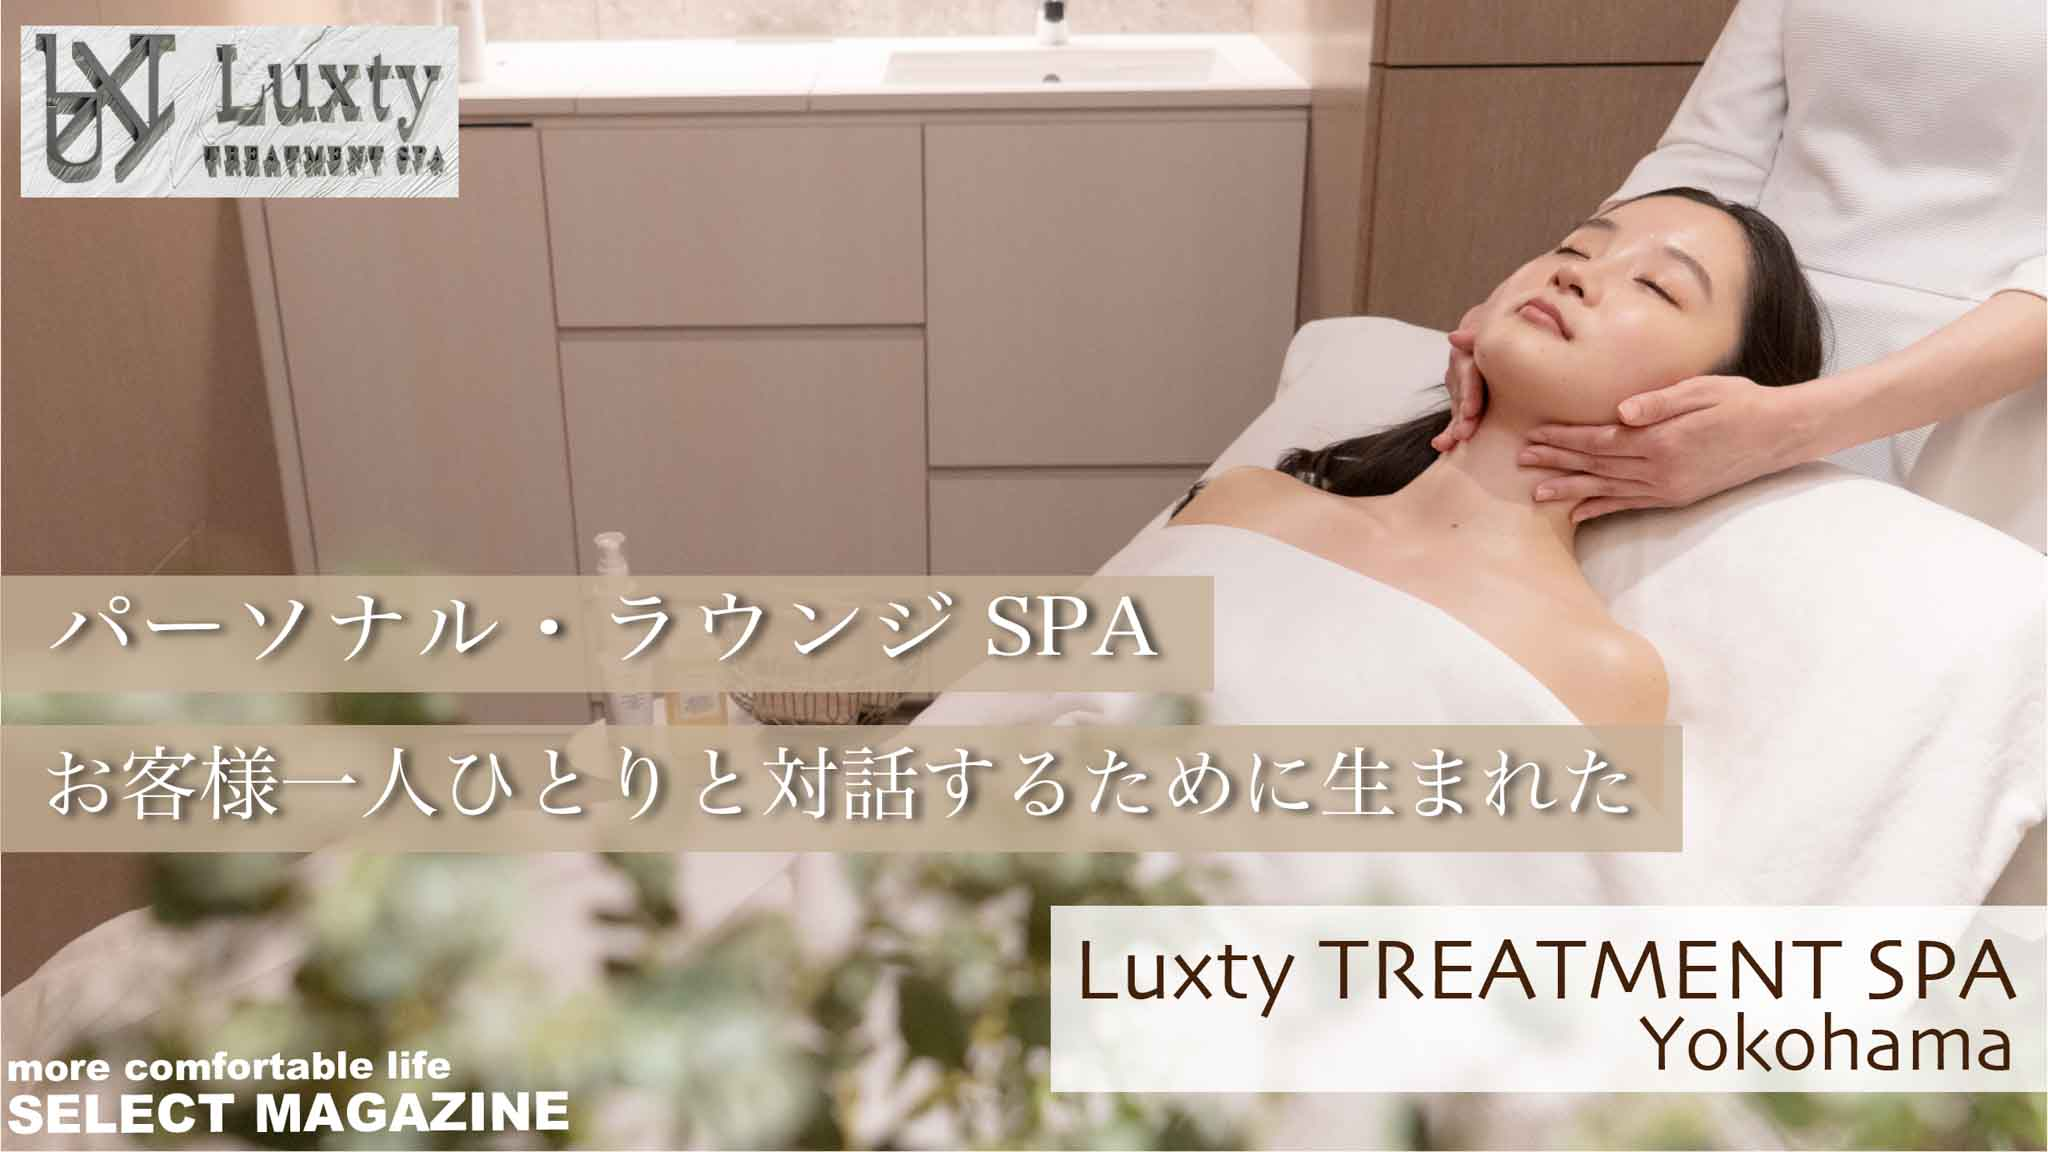 【心と肌に贅沢とリラックスを・・・】大人の隠れ家で特別な時間を過ごす『Luxty  TREATMENT SPA』